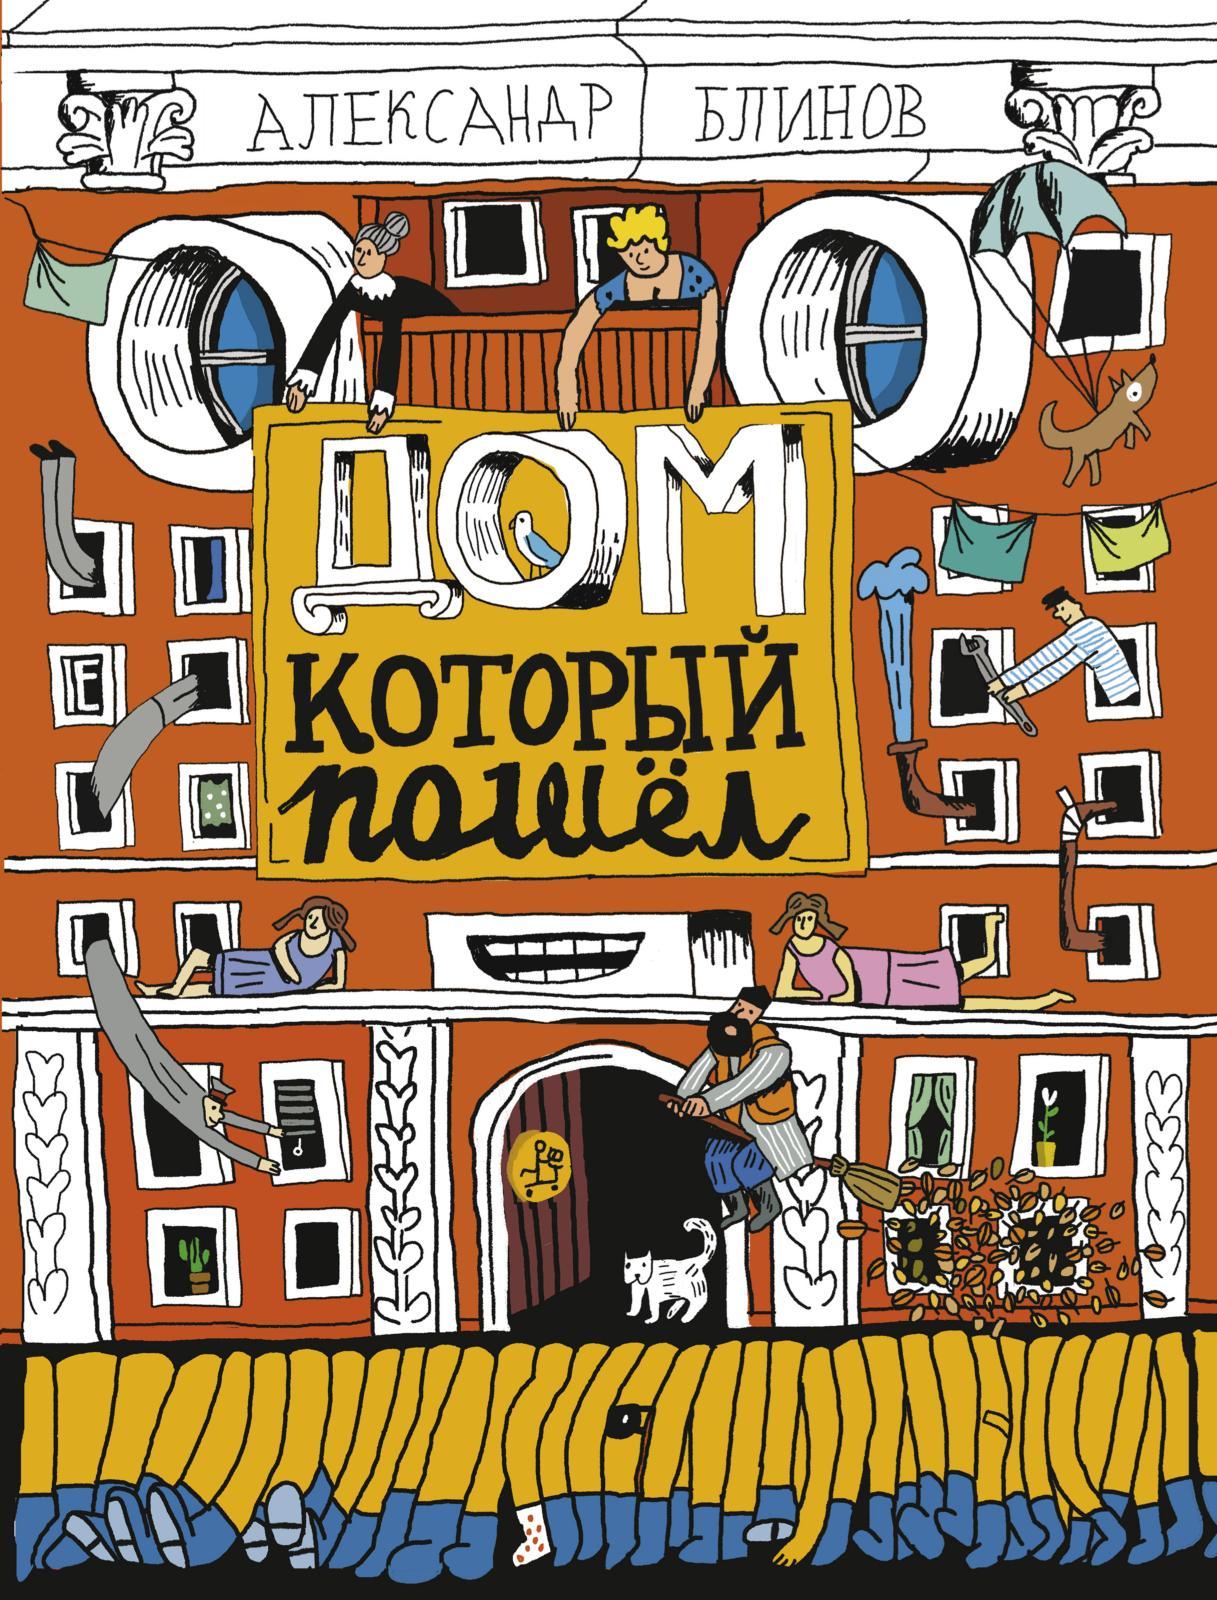 «ДОМ, КОТОРЫЙ ПОШЕЛ», Александр БЛИНОВ